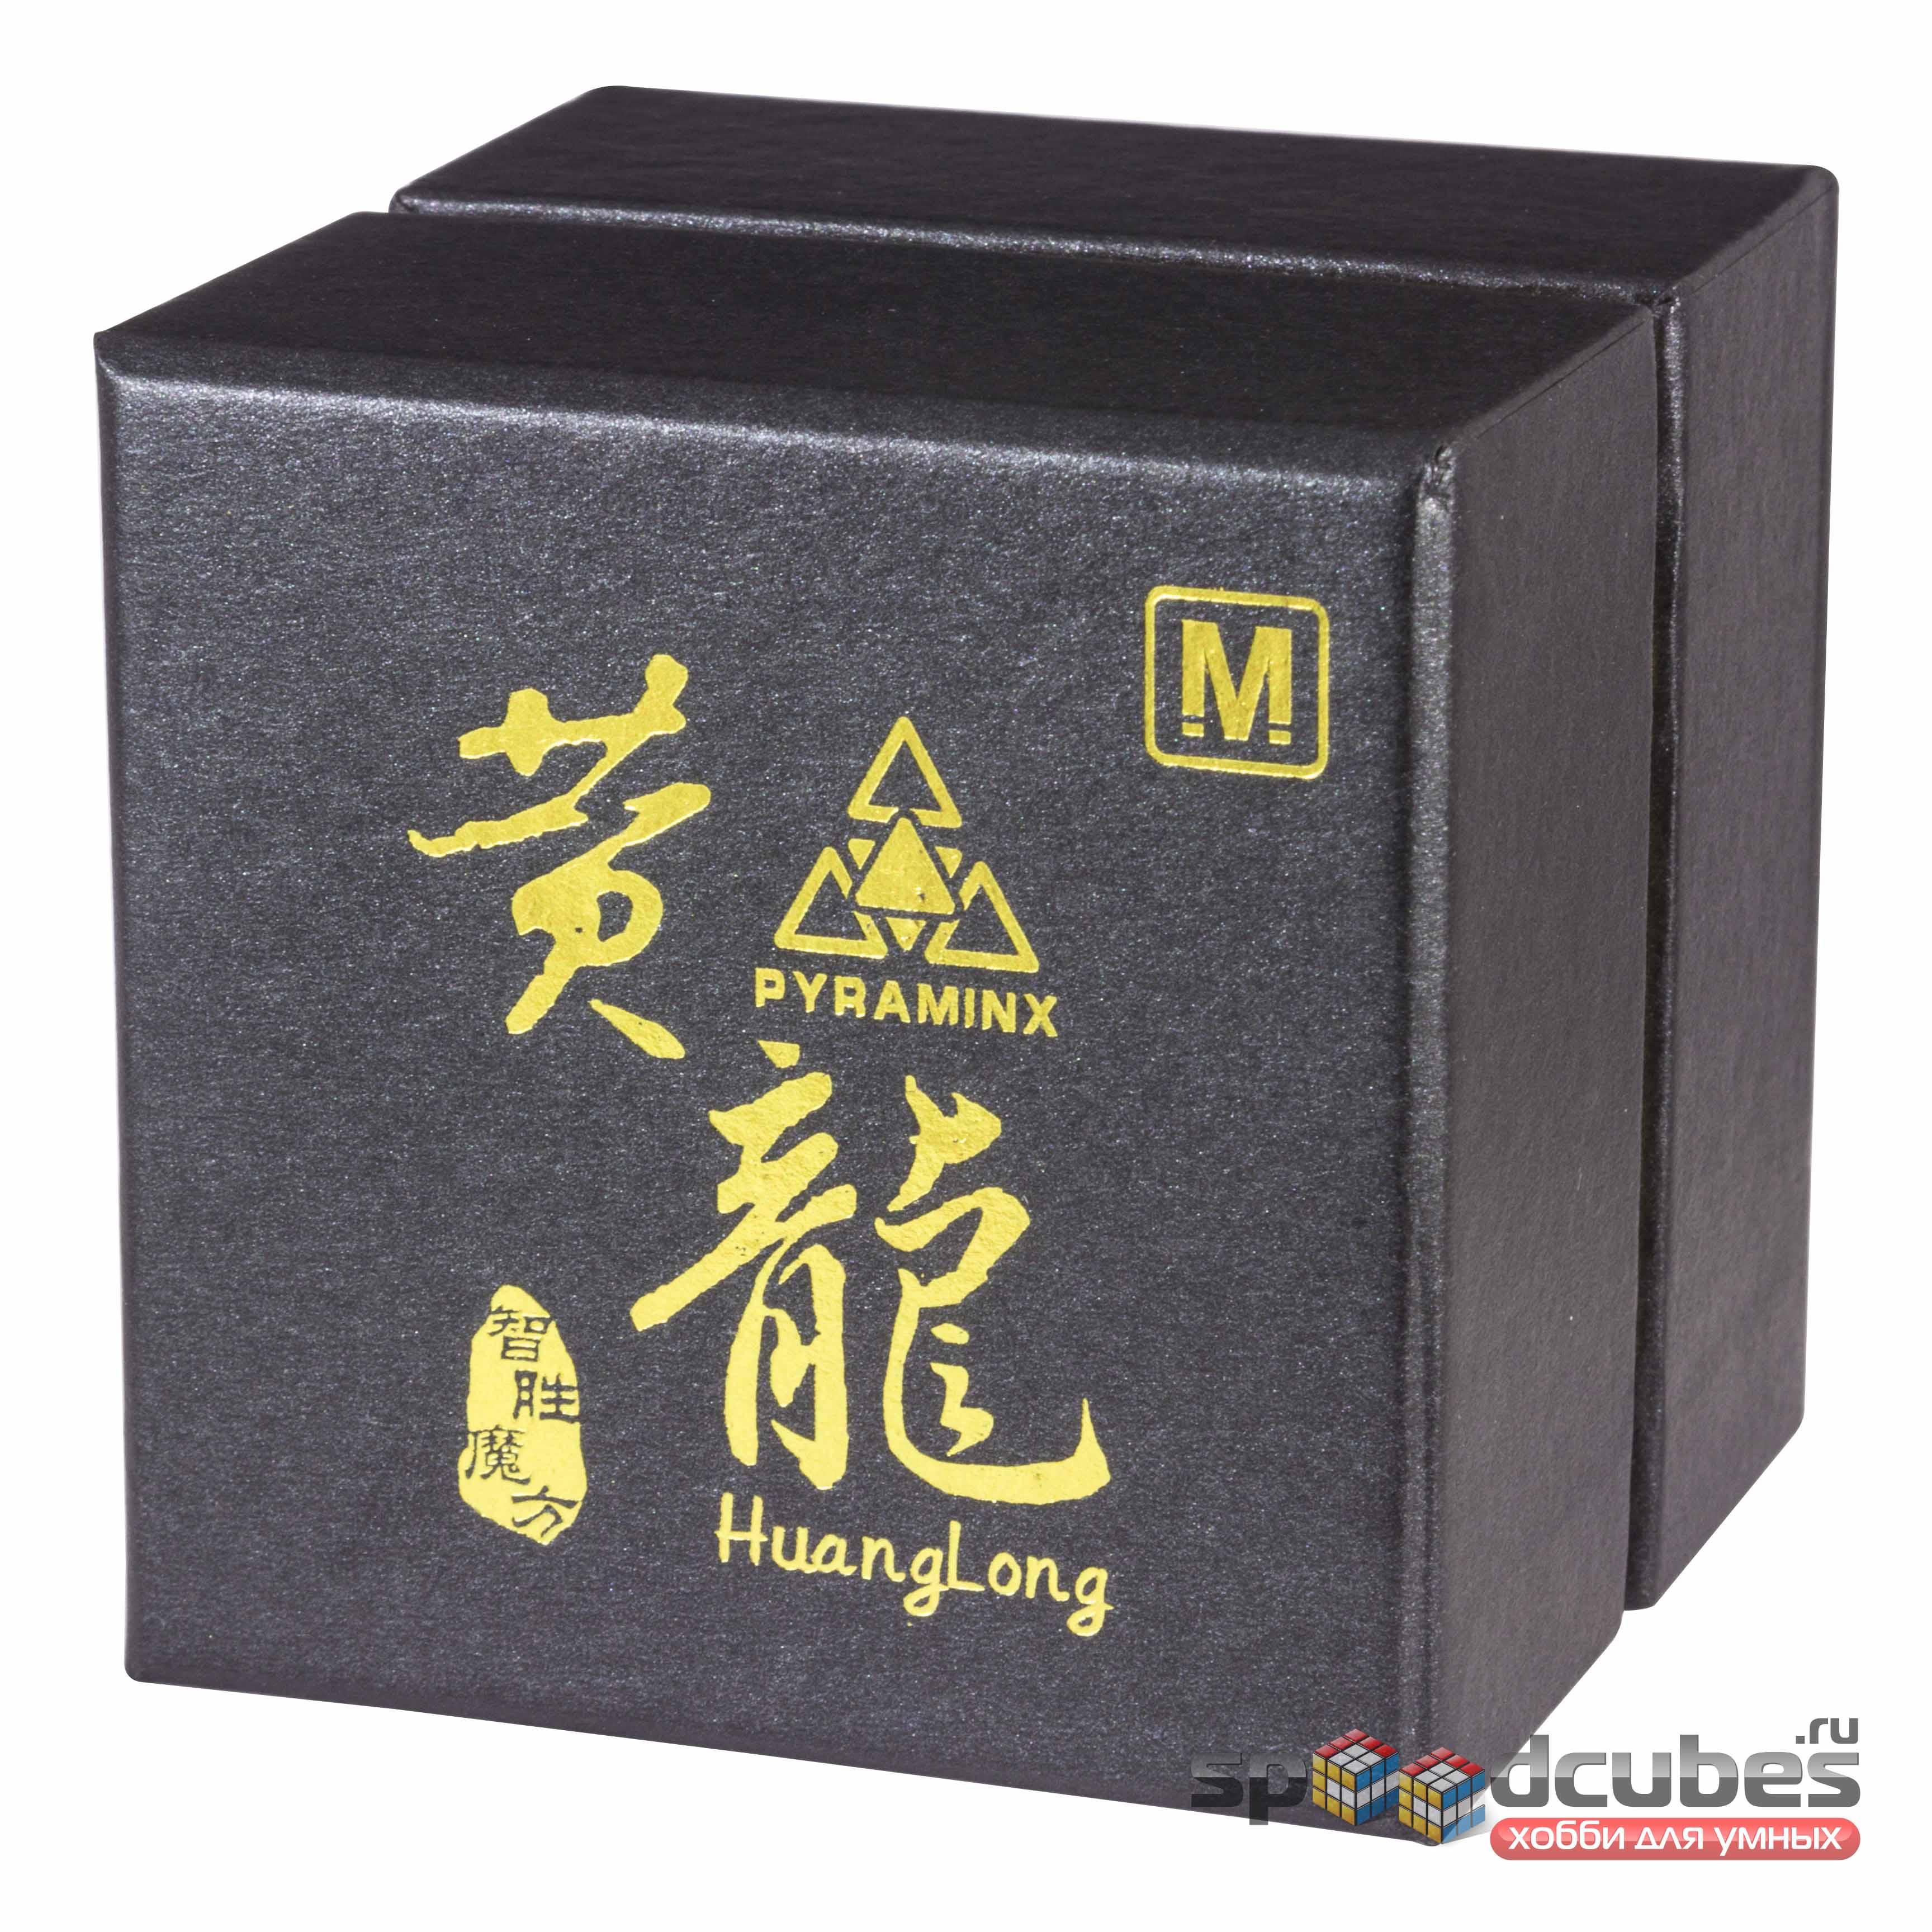 Yuxin Huanglong Pyraminx M 1